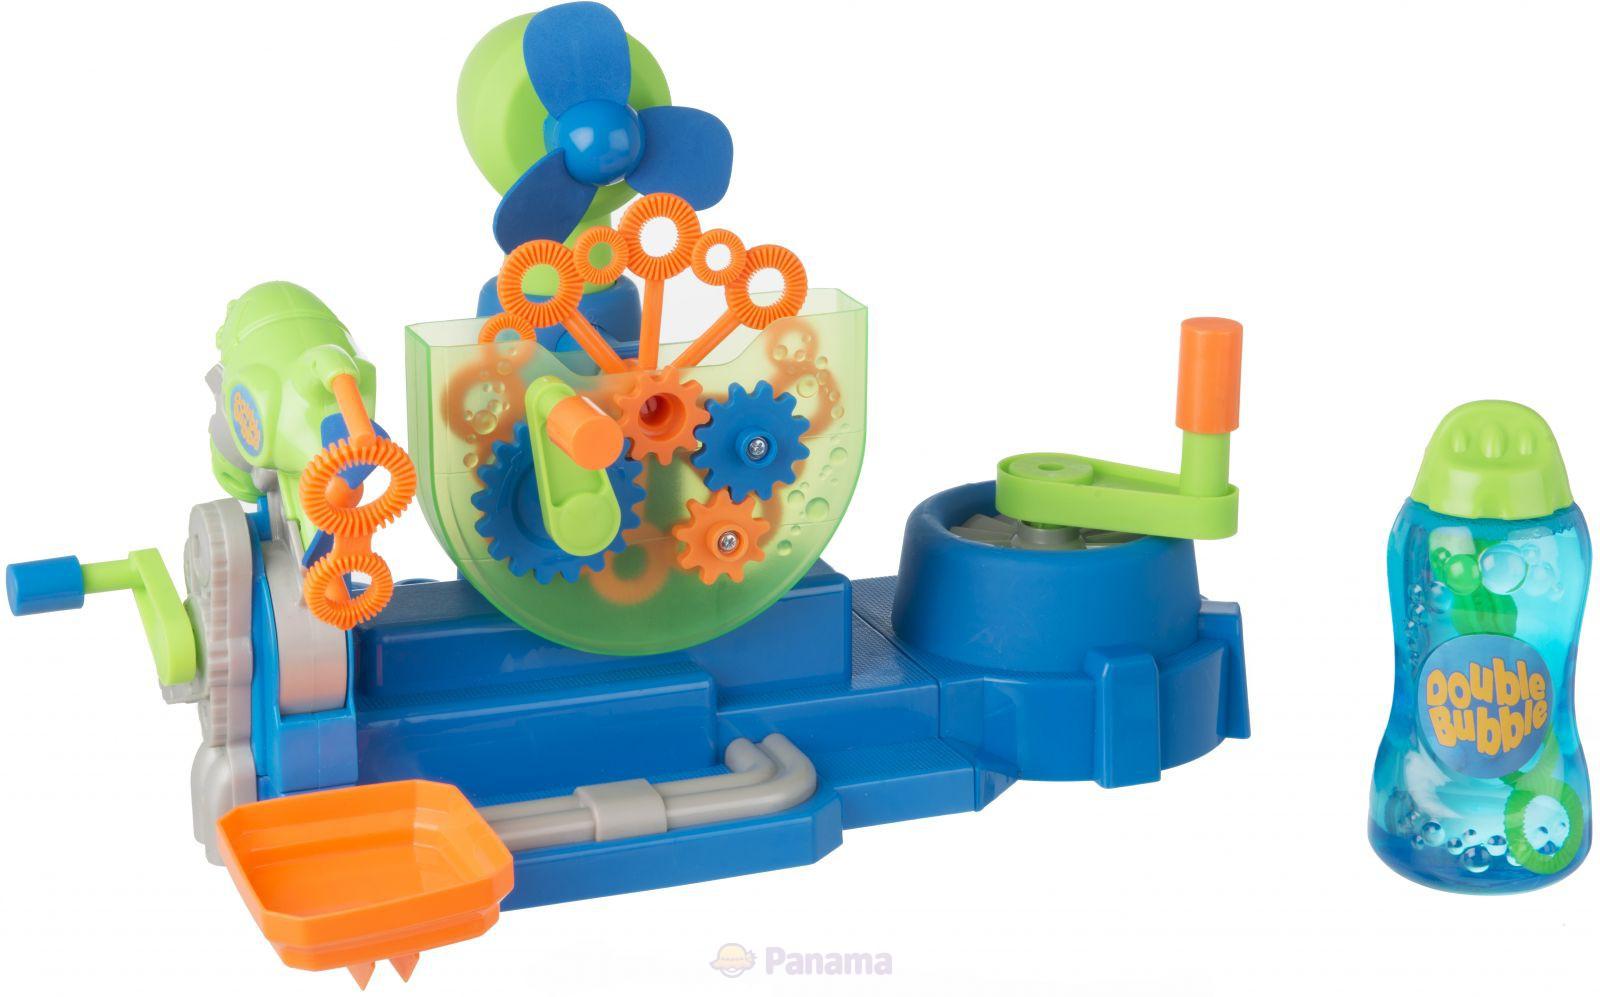 Сбор заказов. Интересные игрушки и наборы для творчества, большой выбор пазлов, а также новый хит сезона-нелопающиеся мыльные пузыри! Галереи.